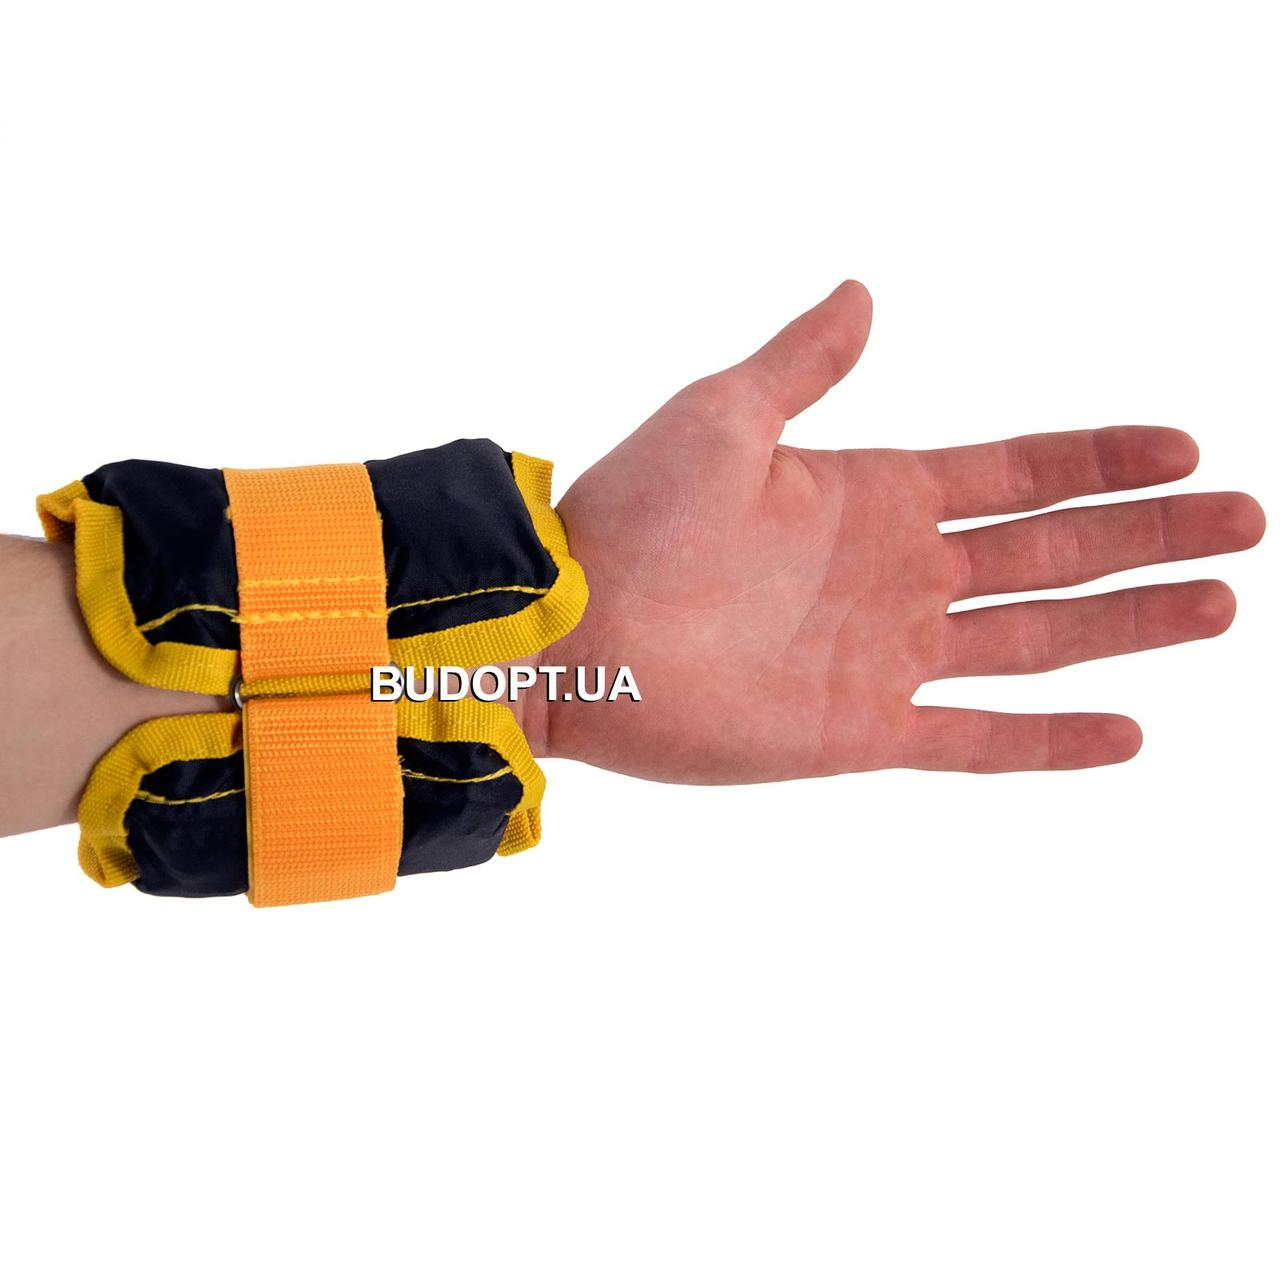 Утяжелители для ног и рук OSPORT 2шт по 1.5кг (FI-0001-1.5) - OSPORT - Спортивные товары в Киеве